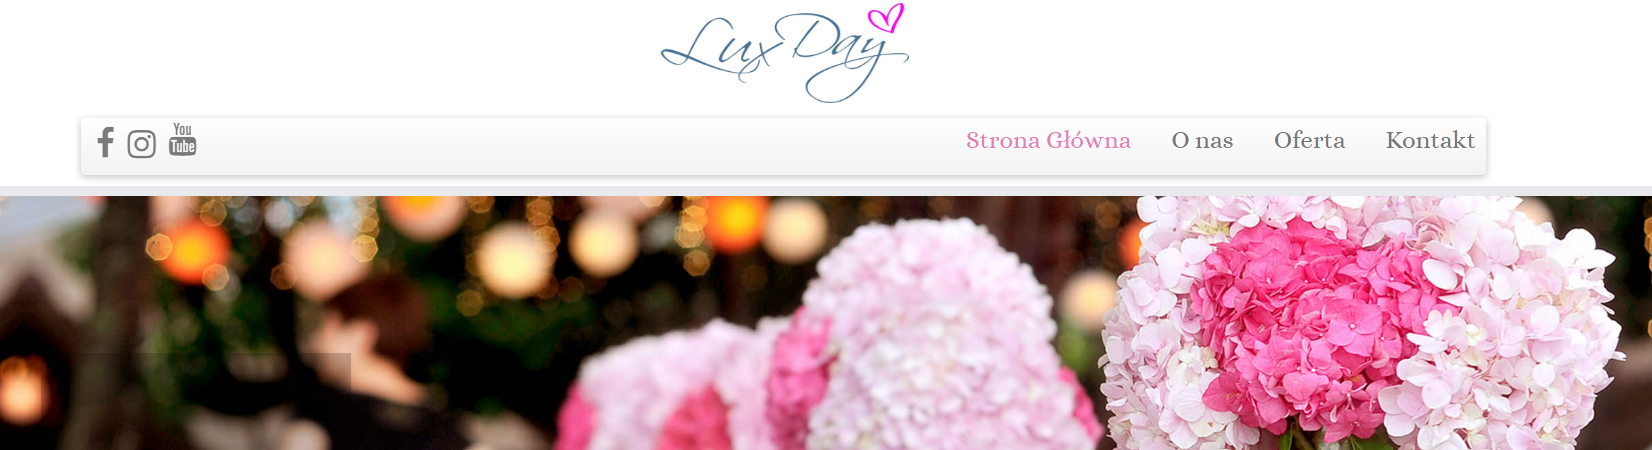 Luxday.pl